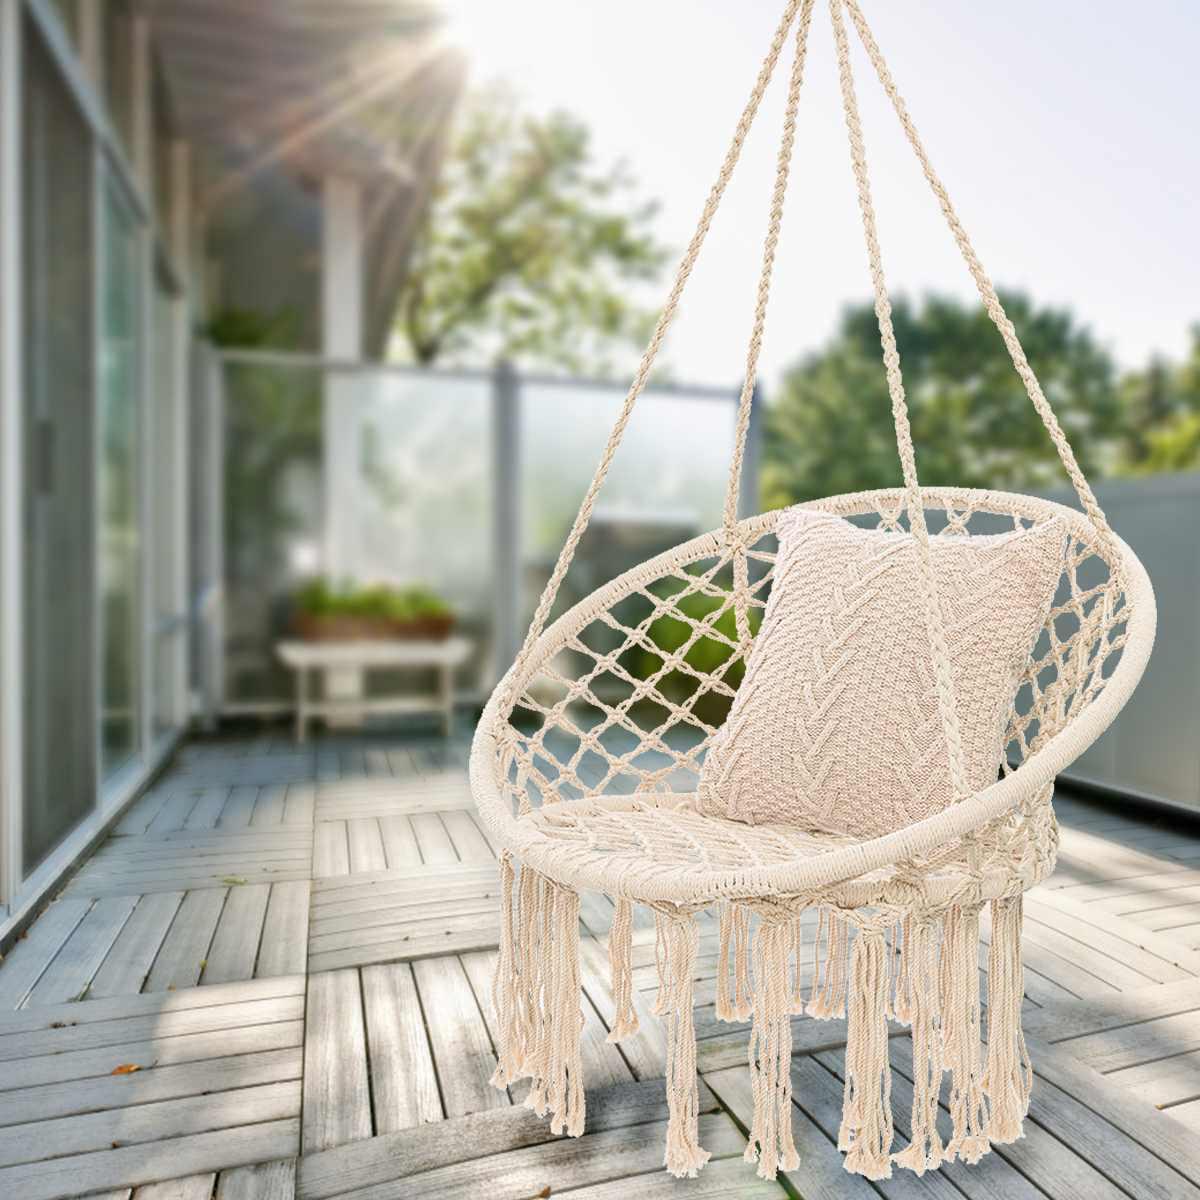 hamac rond chaise exterieure dortoir interieur chambre cour pour enfant adulte balancoire suspendu unique chaise de securite hamac